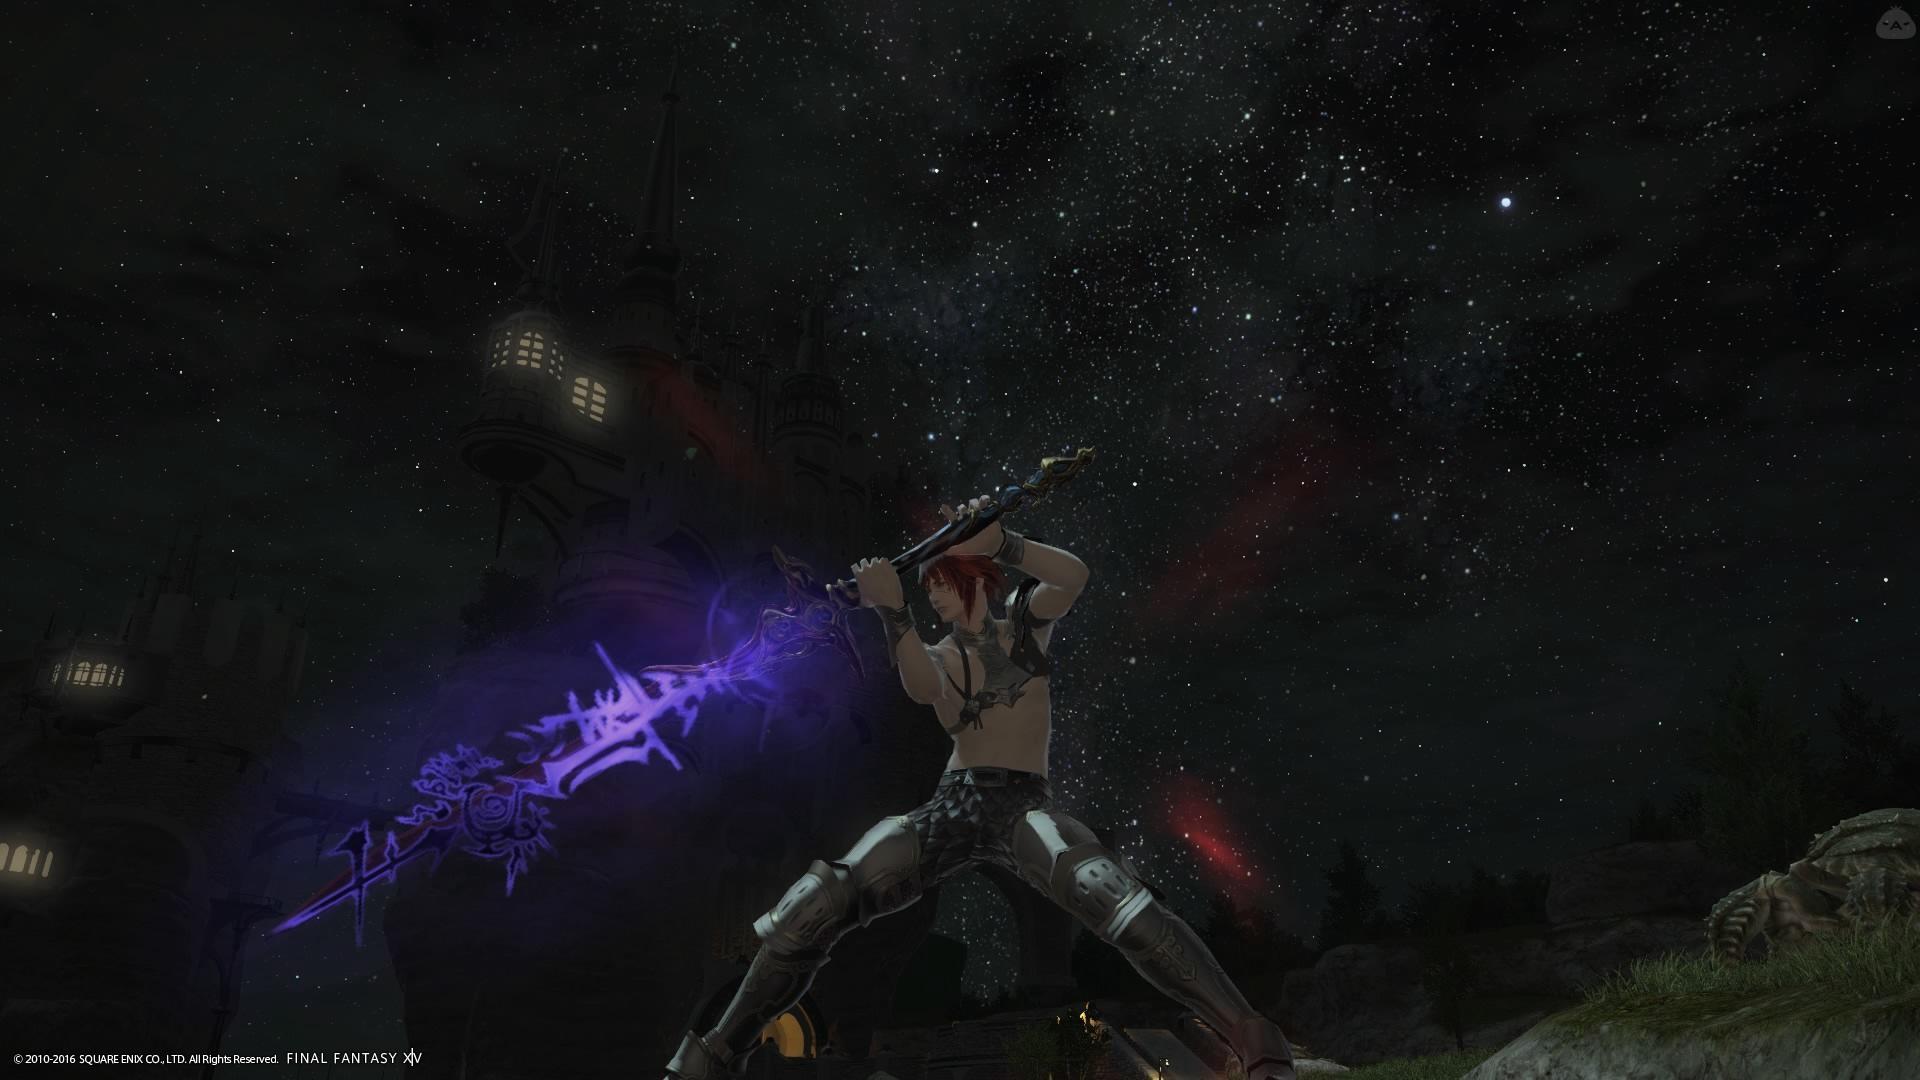 魔法剣を使いし旅人